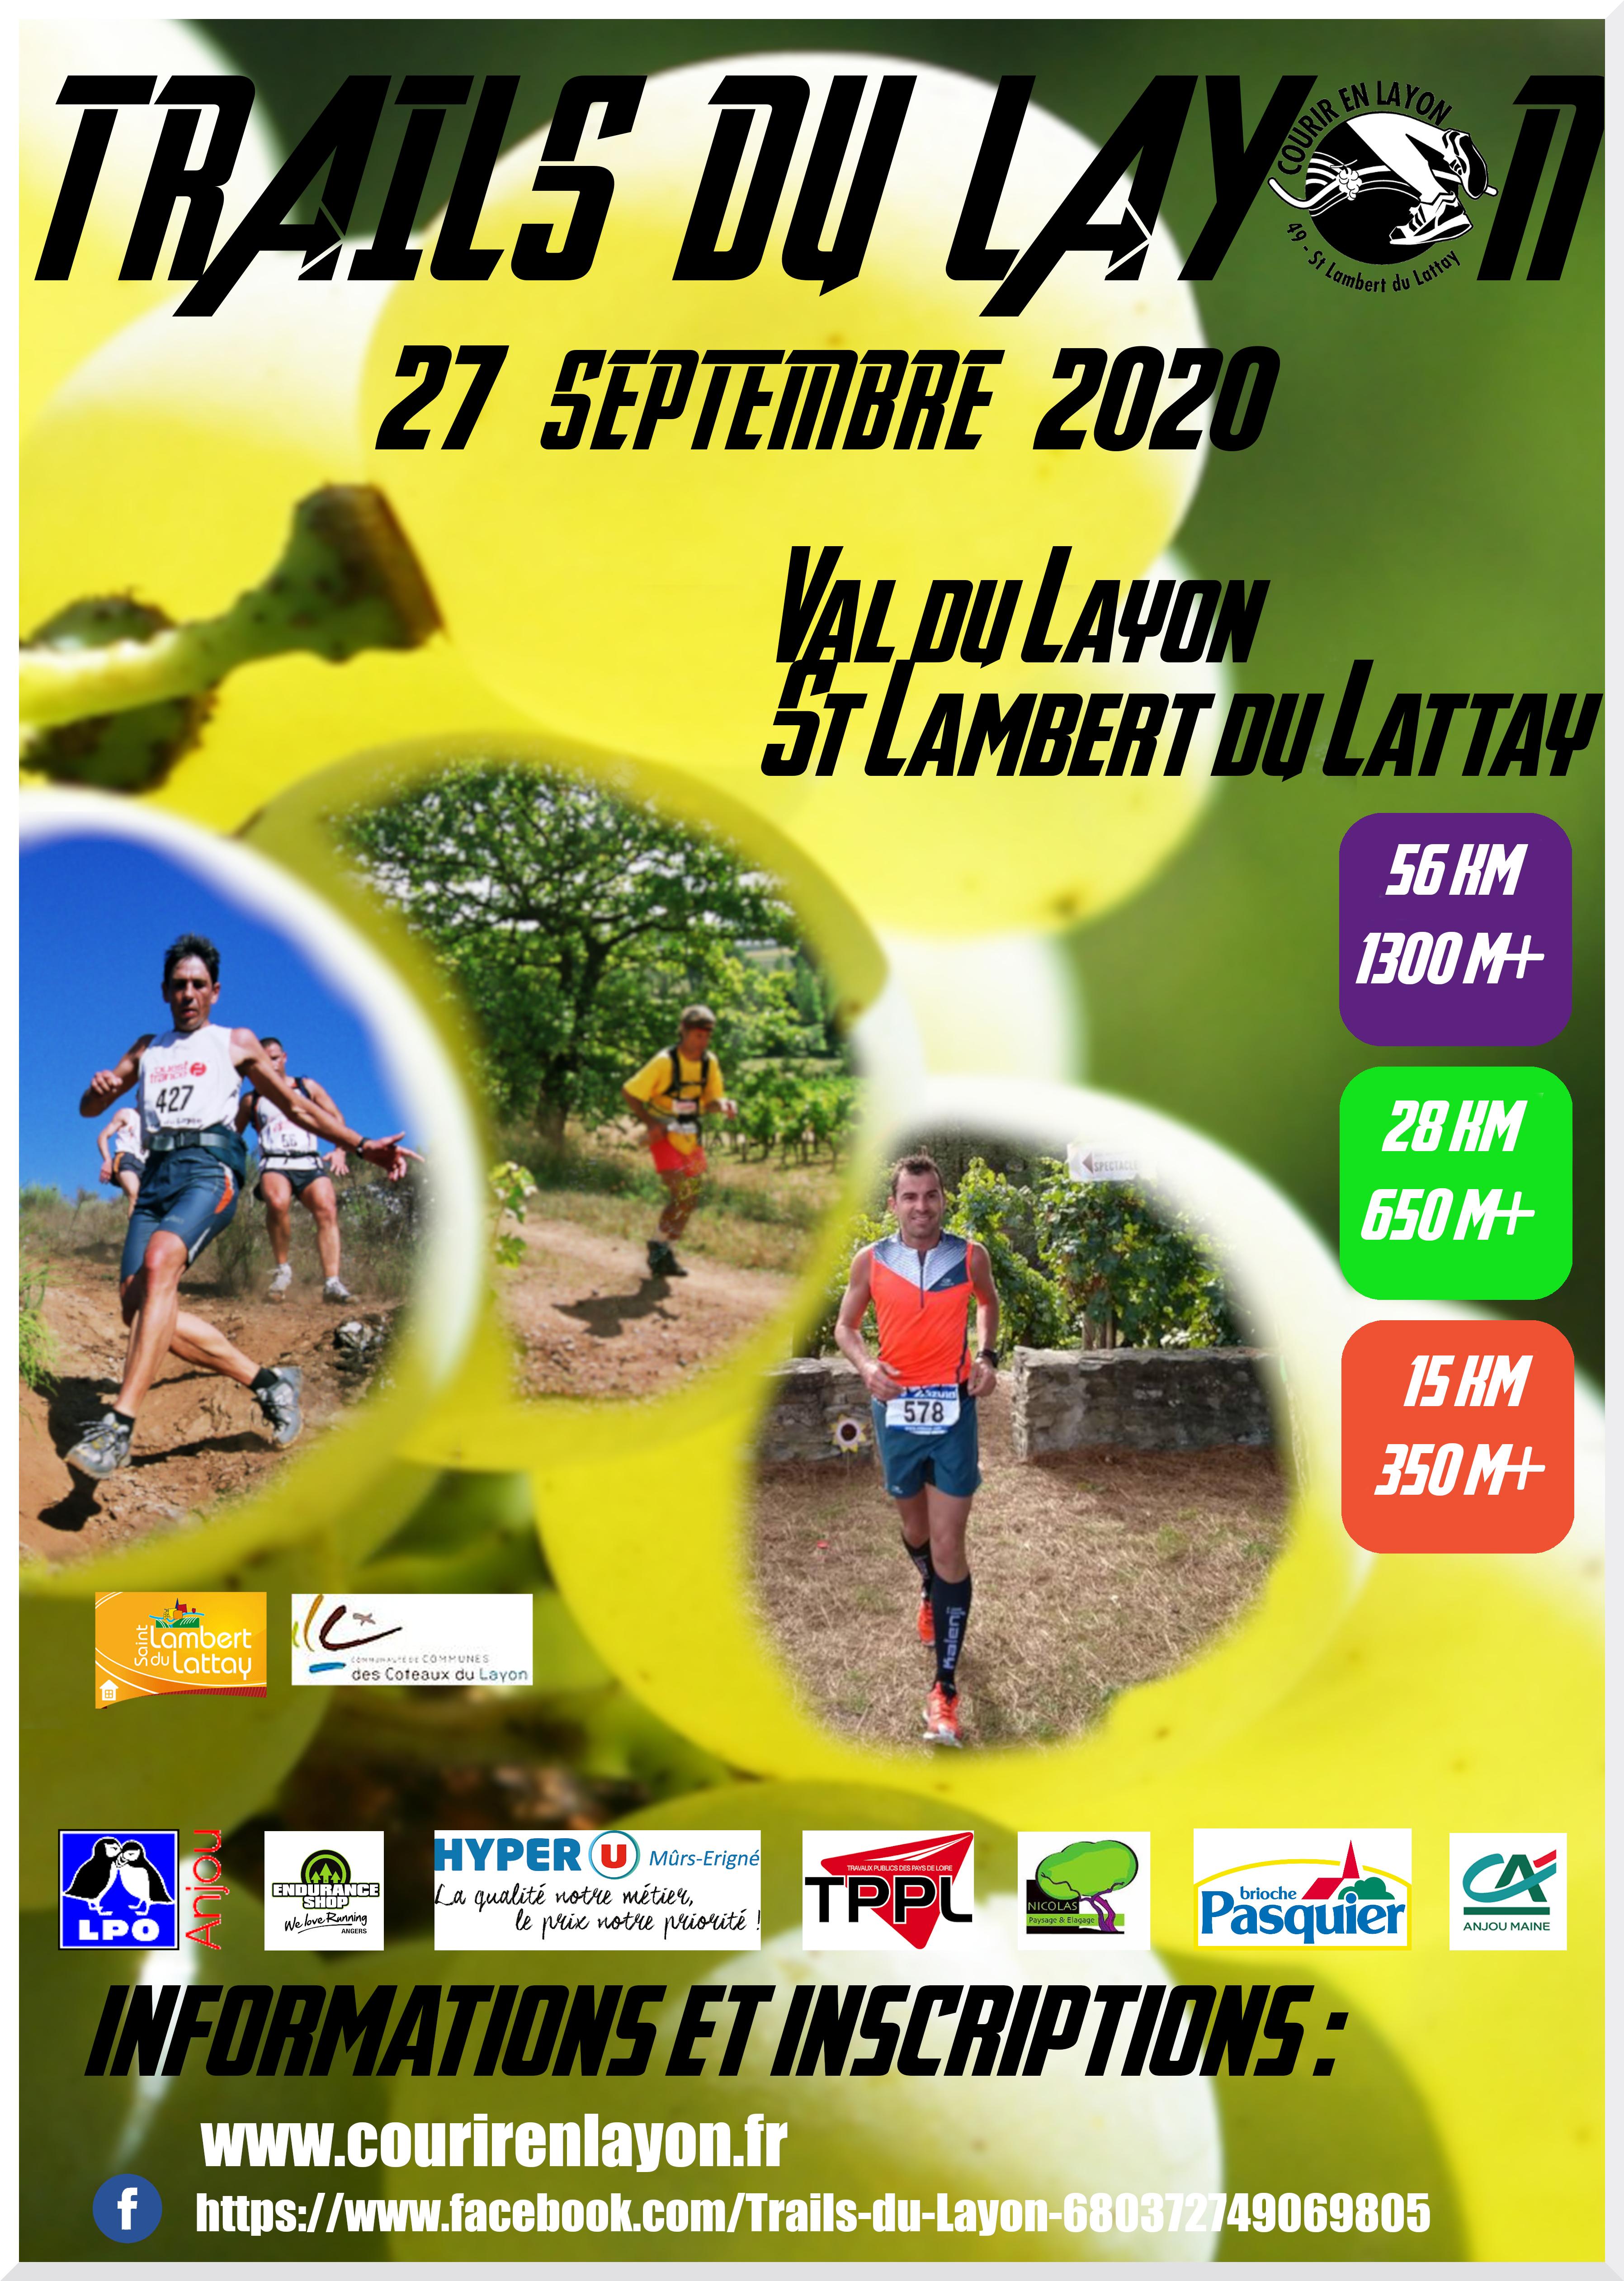 LE TRAIL DU LAYON (49) - SAINT-LAMBERT-DU-LATTAY (49), c'est le Dimanche 27 Septembre 2020